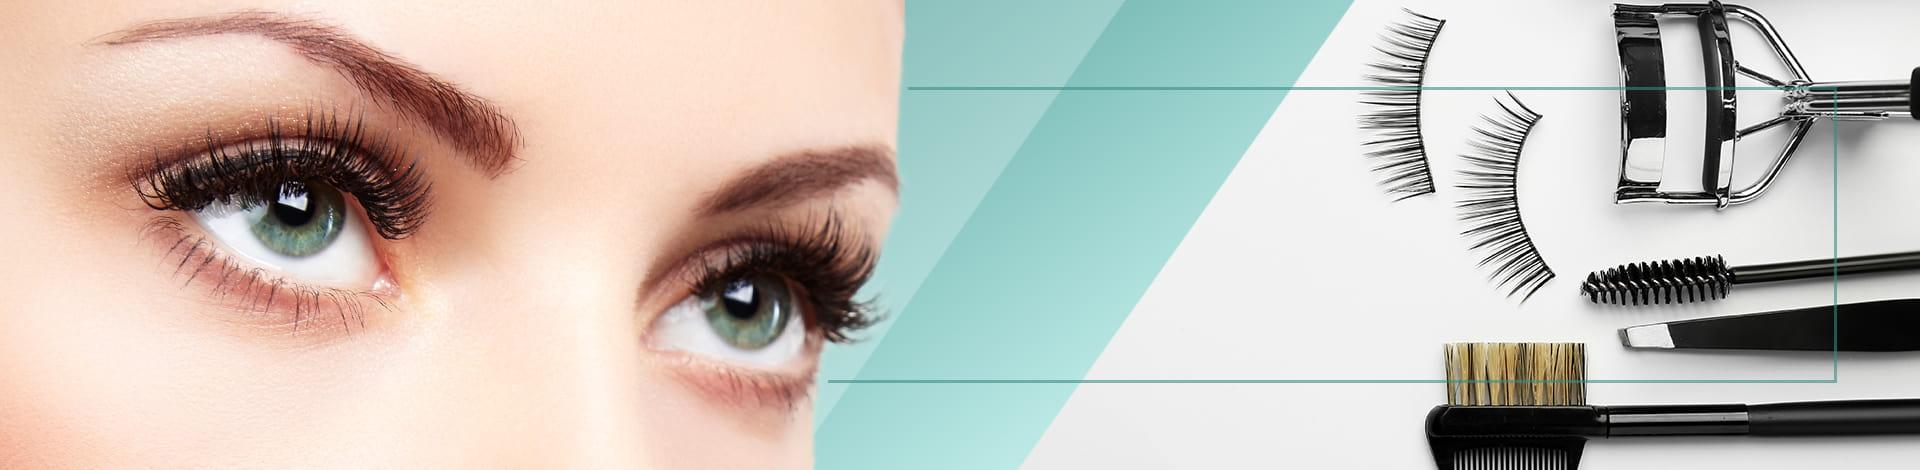 How to Make Fake Eyelashes Look Natural